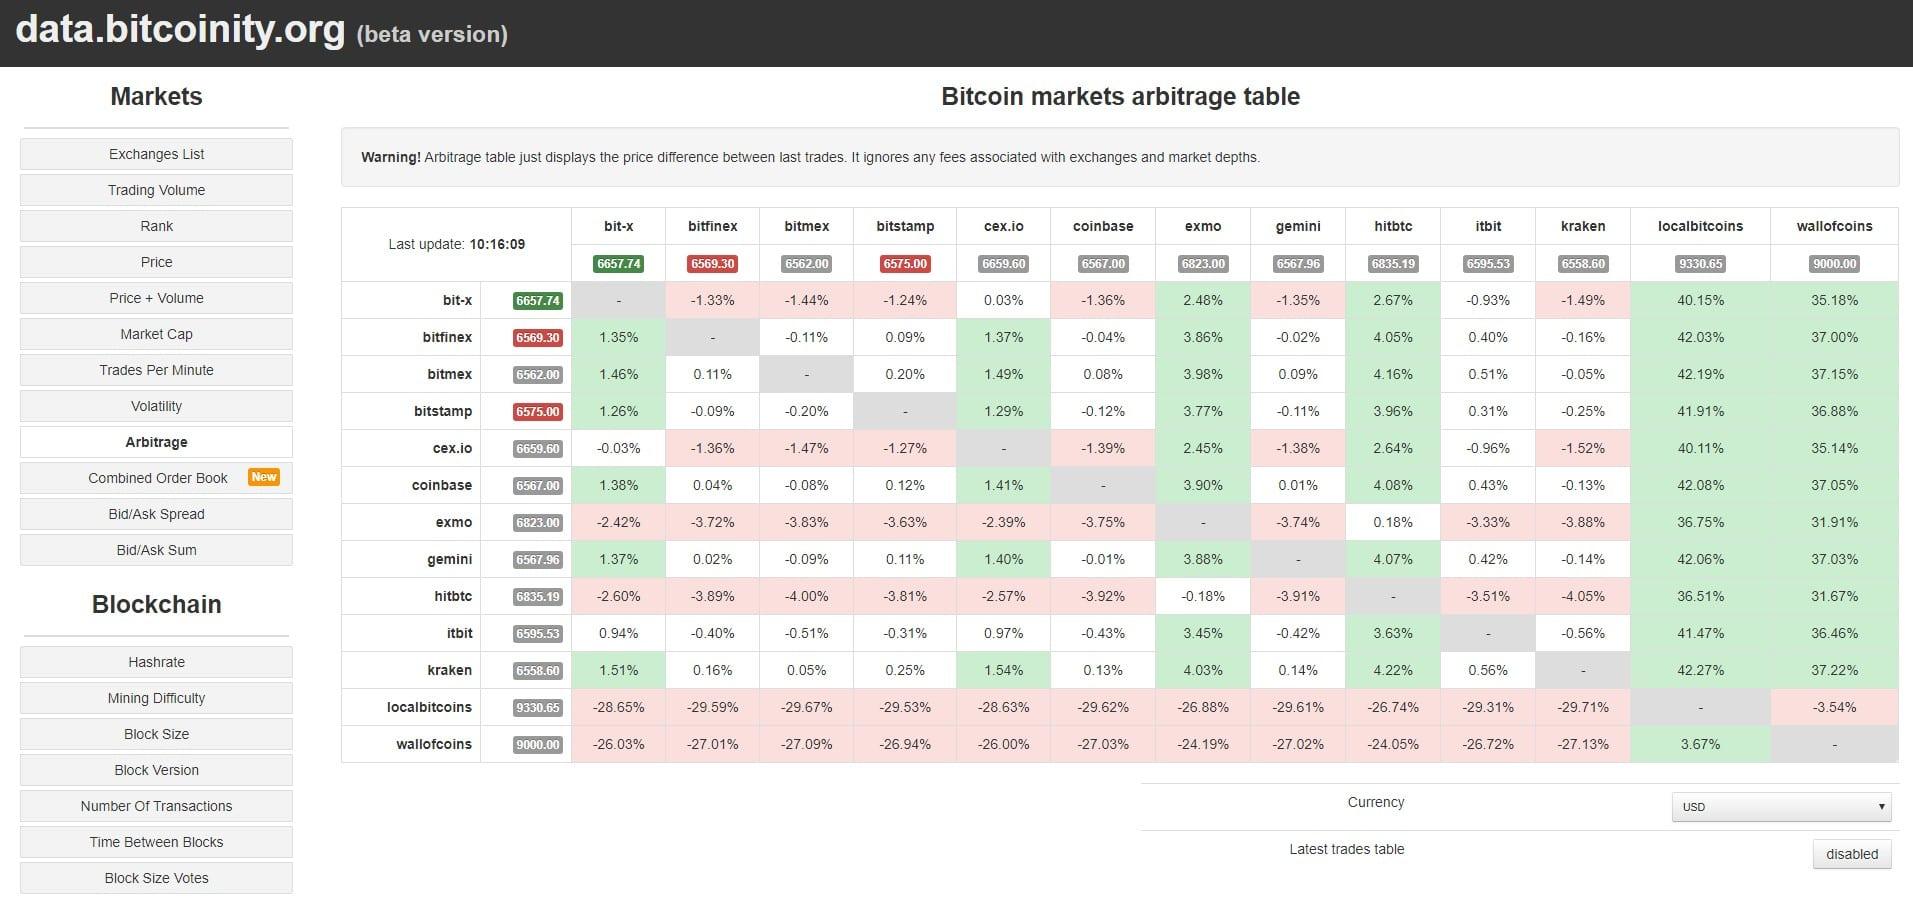 a legjobb kriptó csere az arbitrázshoz a bitcoin törvényes valuta